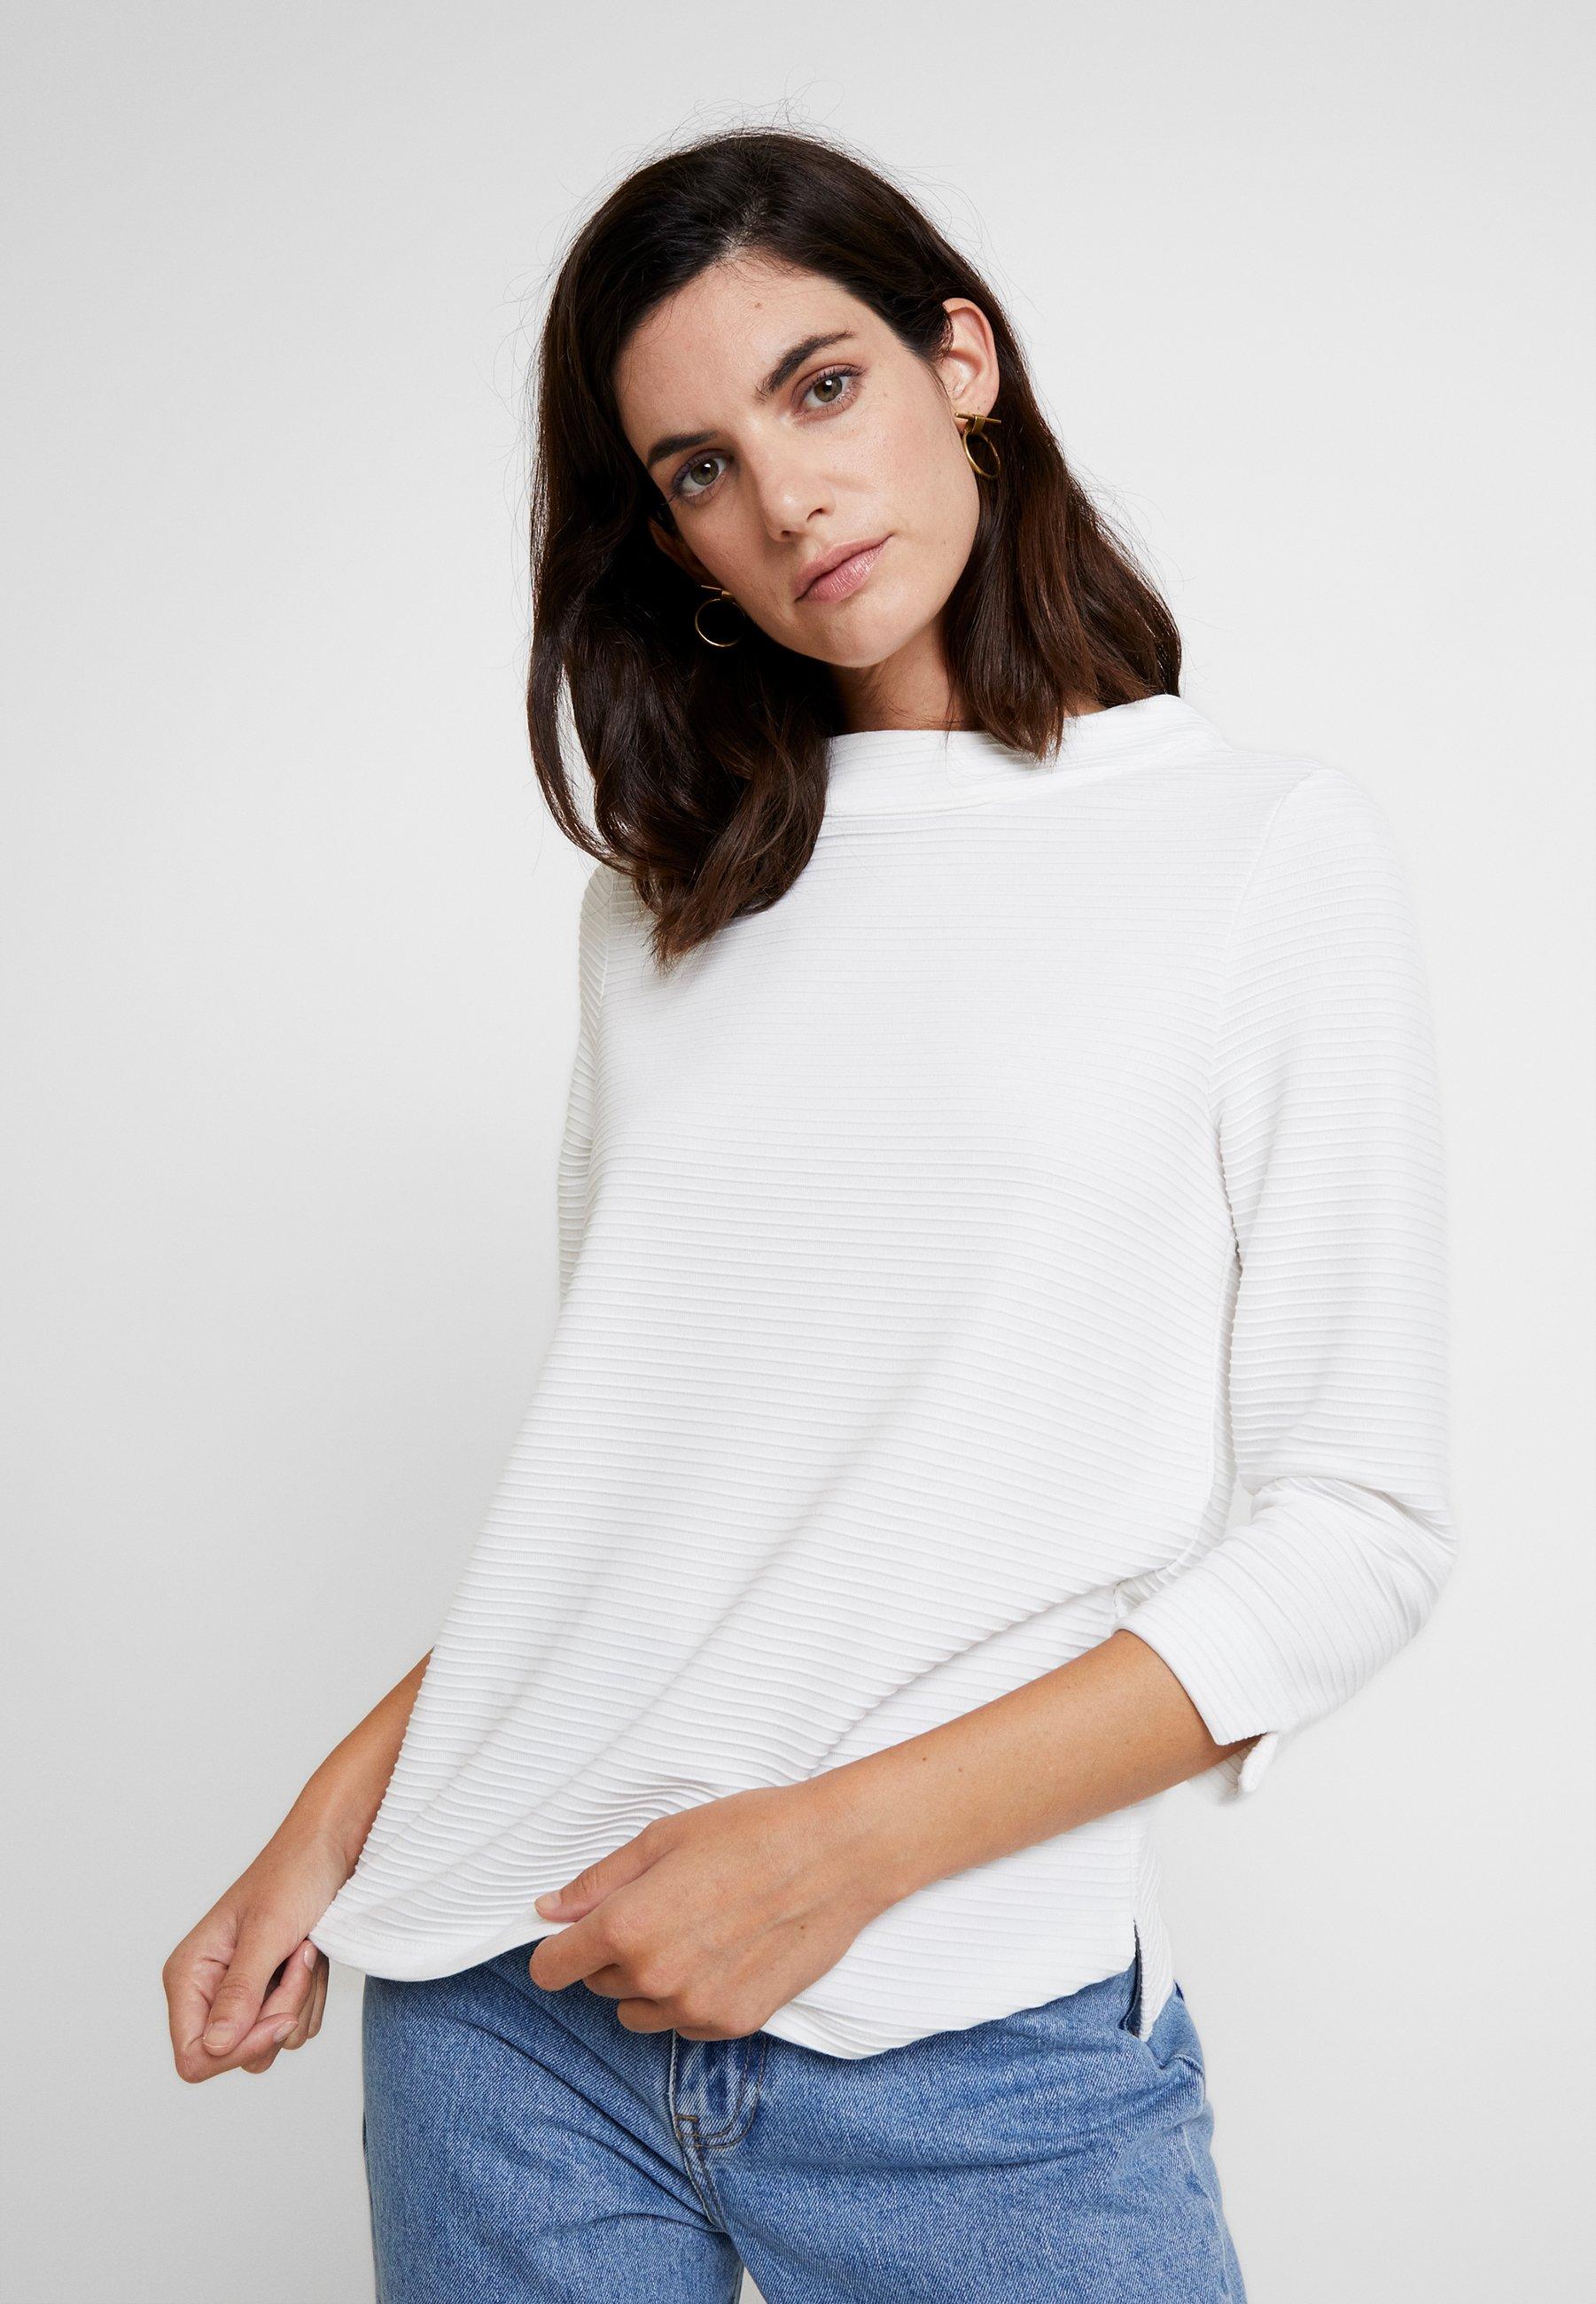 ArmT White Label Manches Longues Warm 3 4 Black À oliver S shirt MVzGUqSLp